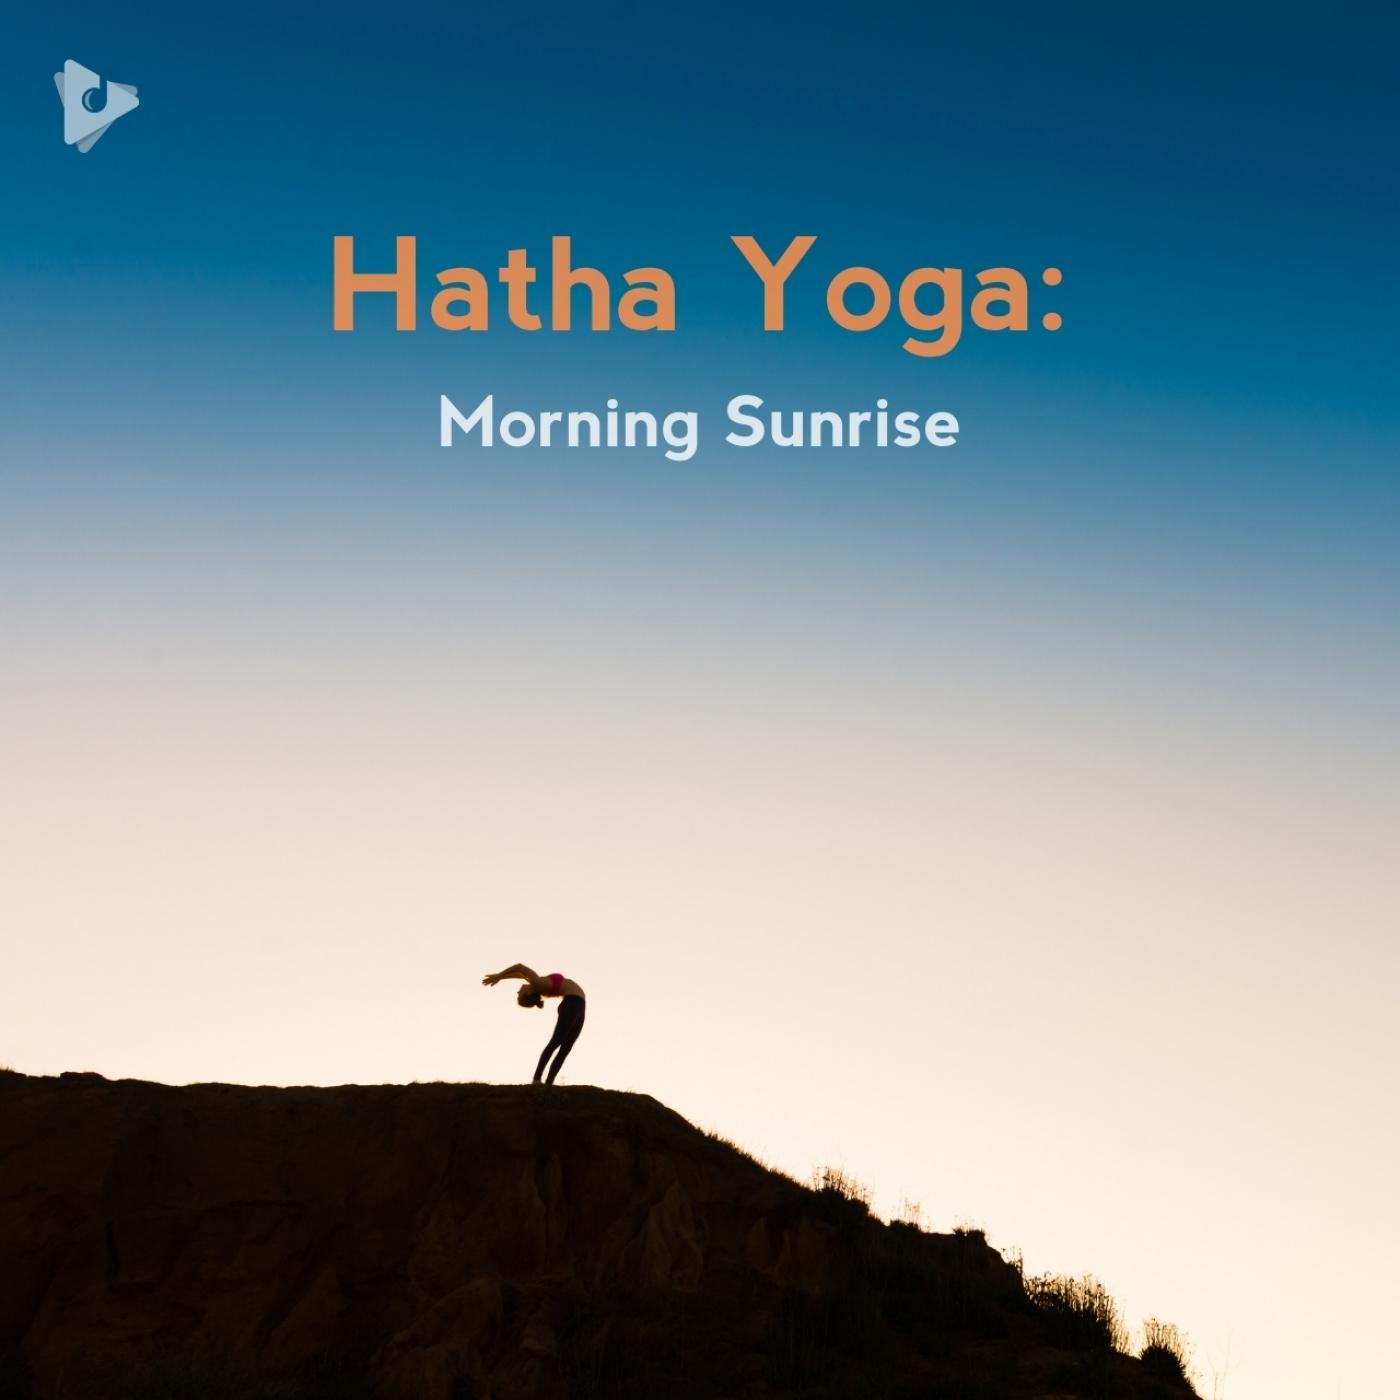 Hatha Yoga: Morning Sunrise